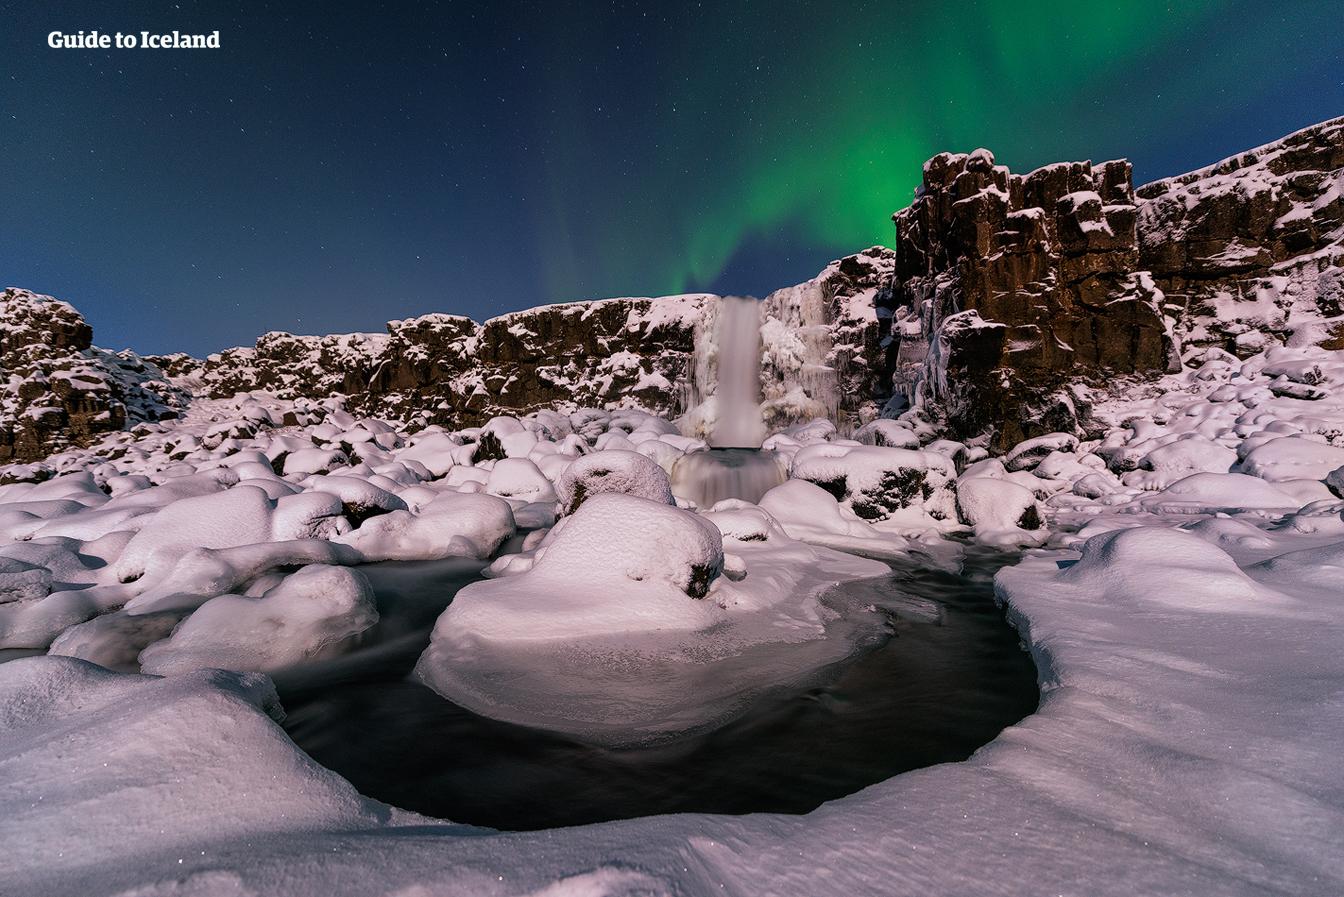 Autotour hiver de 14 jours | Voyage boréal autour de l'île - day 12